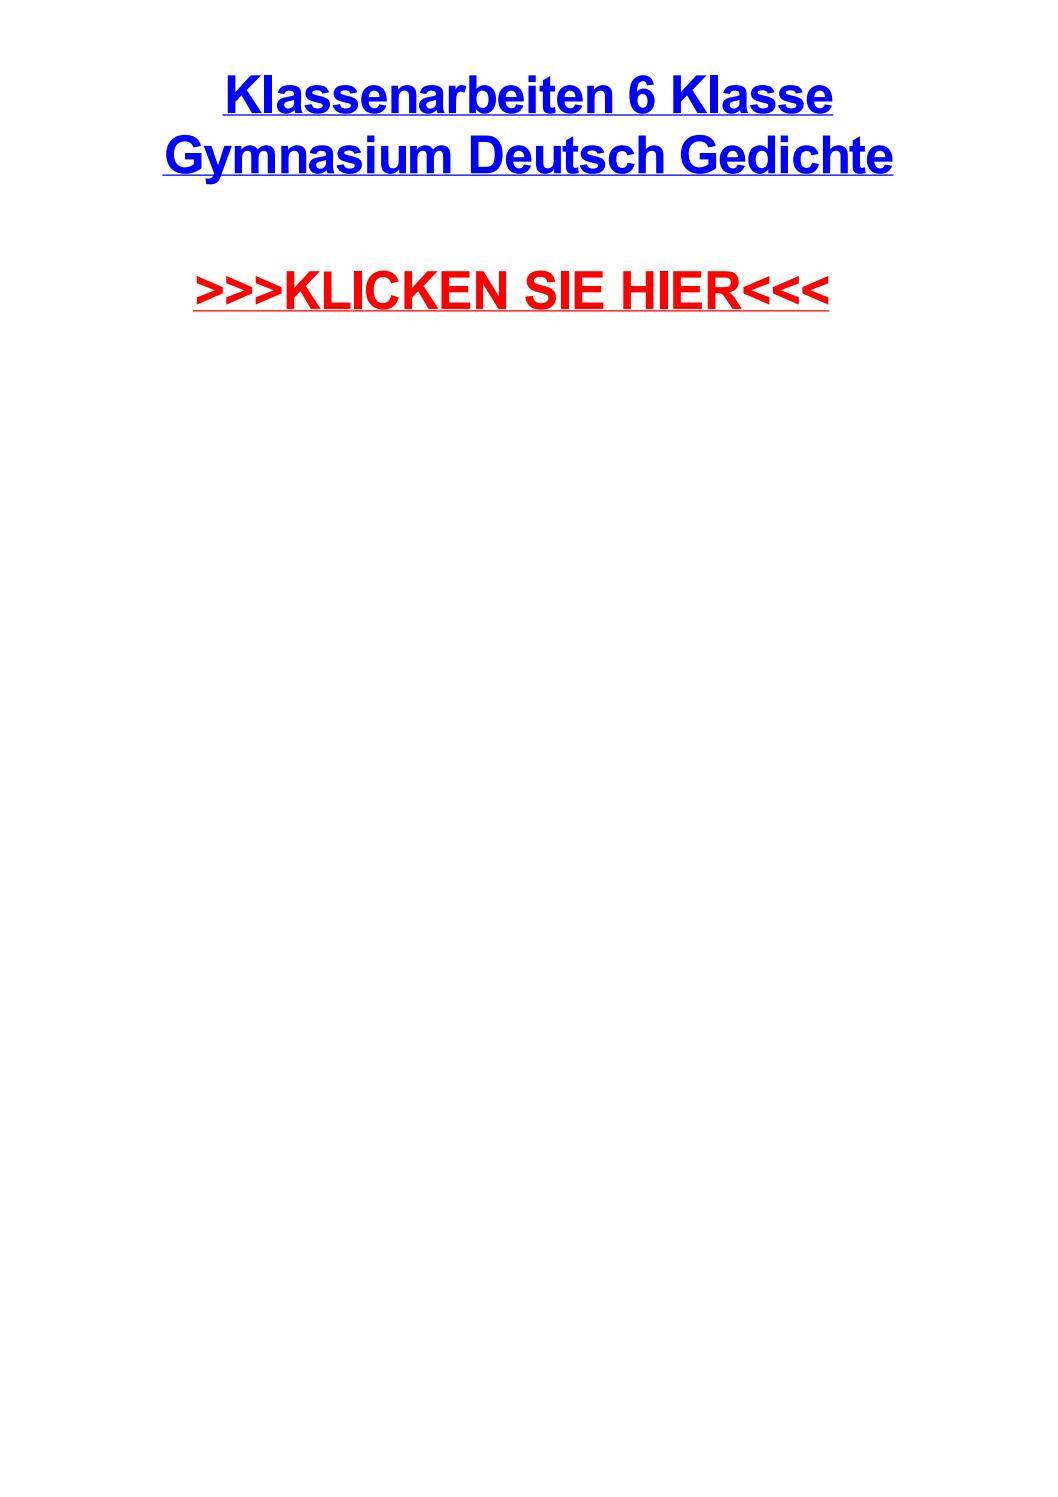 Klassenarbeiten 6 Klasse Gymnasium Deutsch Gedichte By